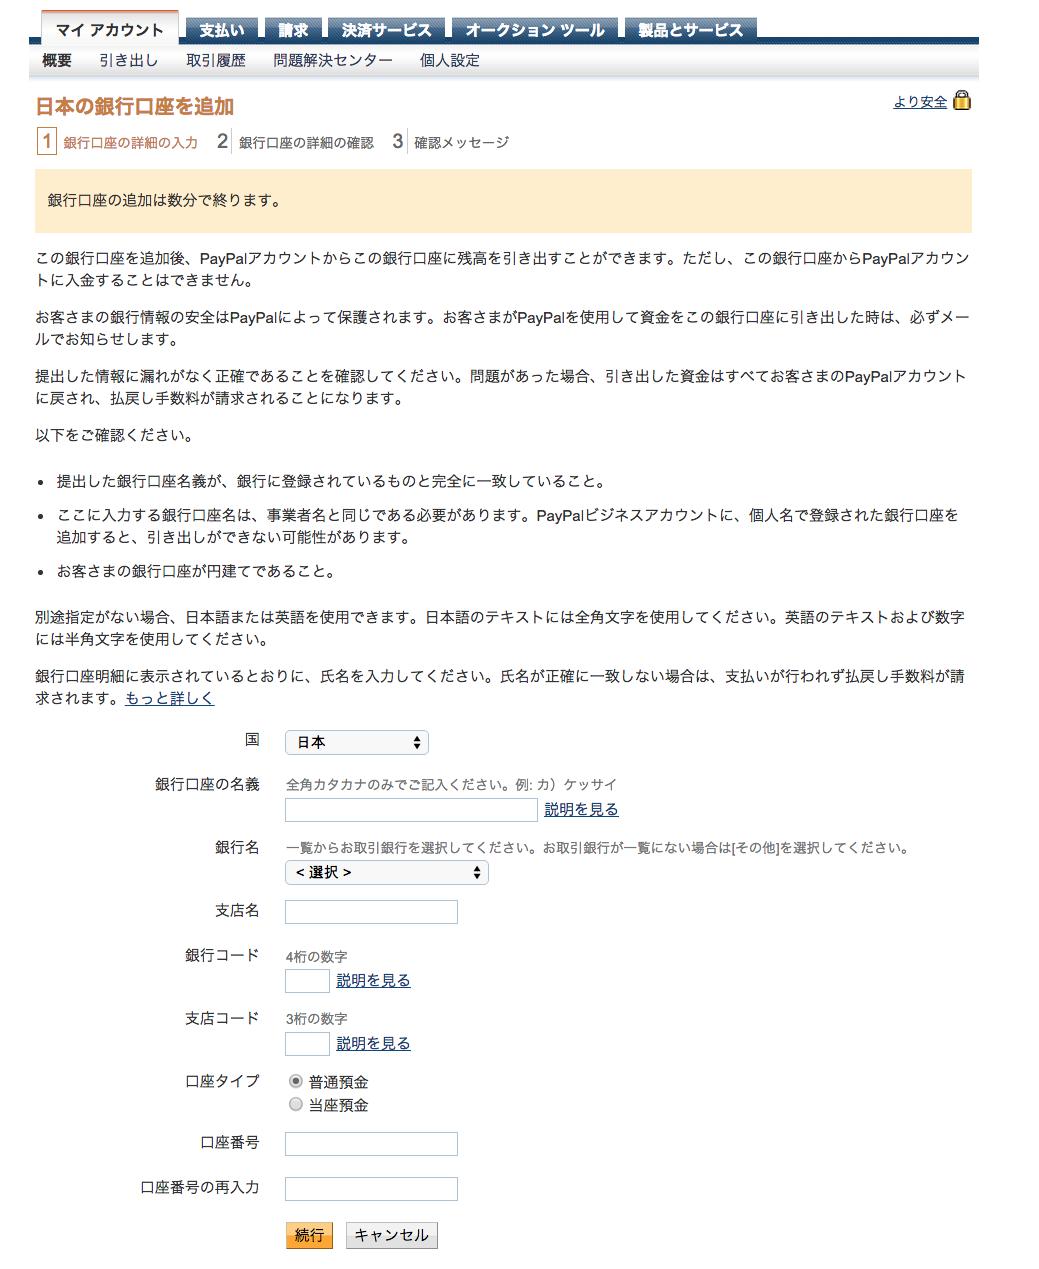 スクリーンショット 2015-09-21 21.34.35